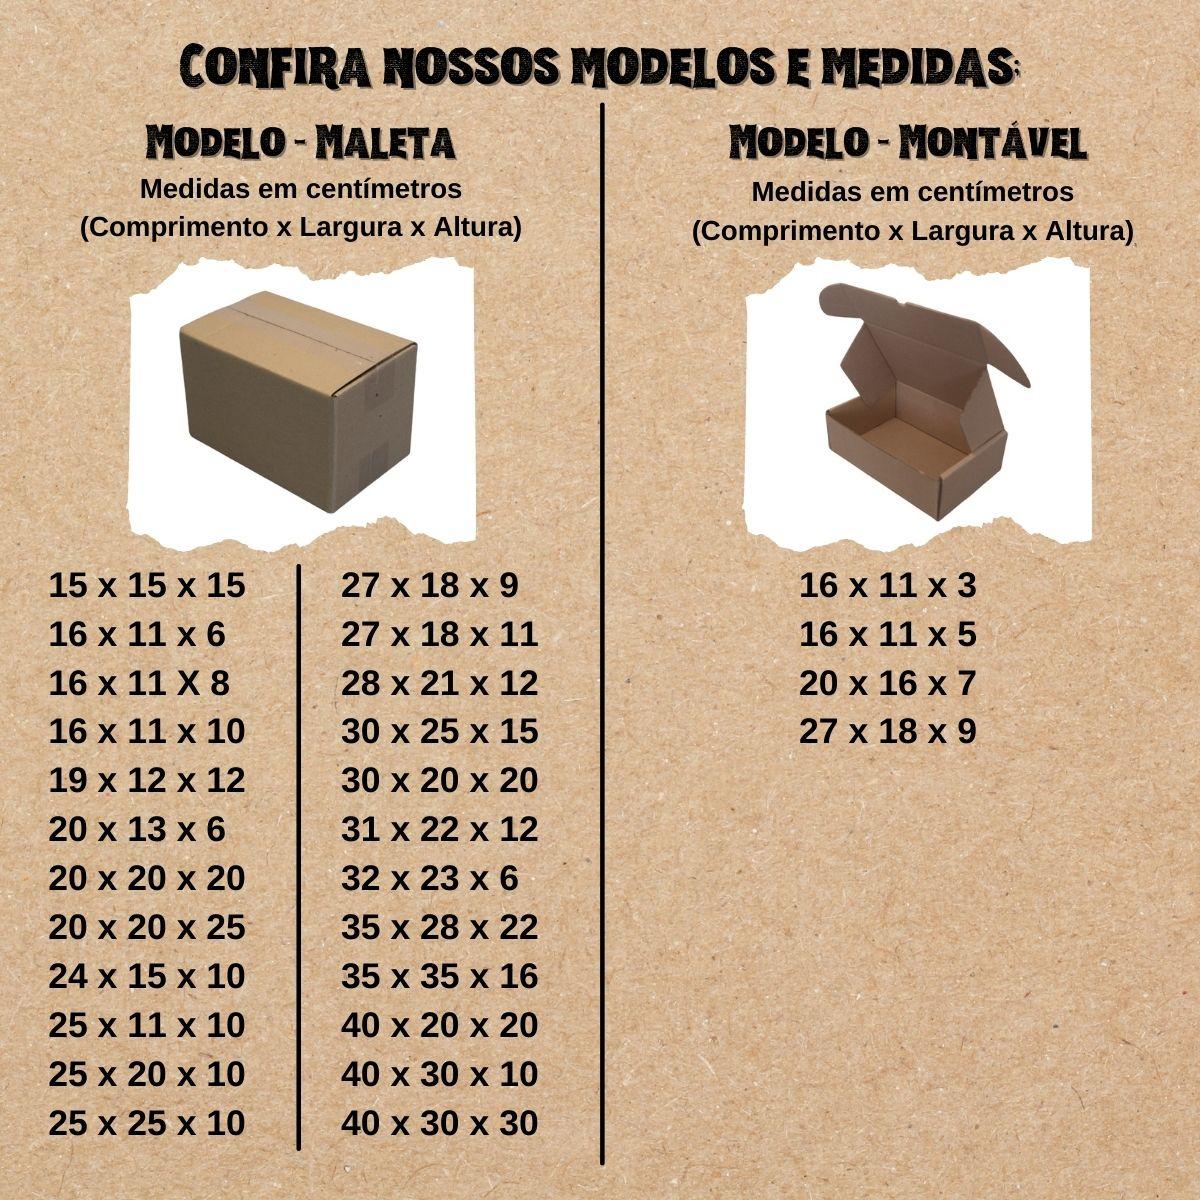 50 Caixas de Papelao (27X18X9)cm - Sedex / Pac / Correios